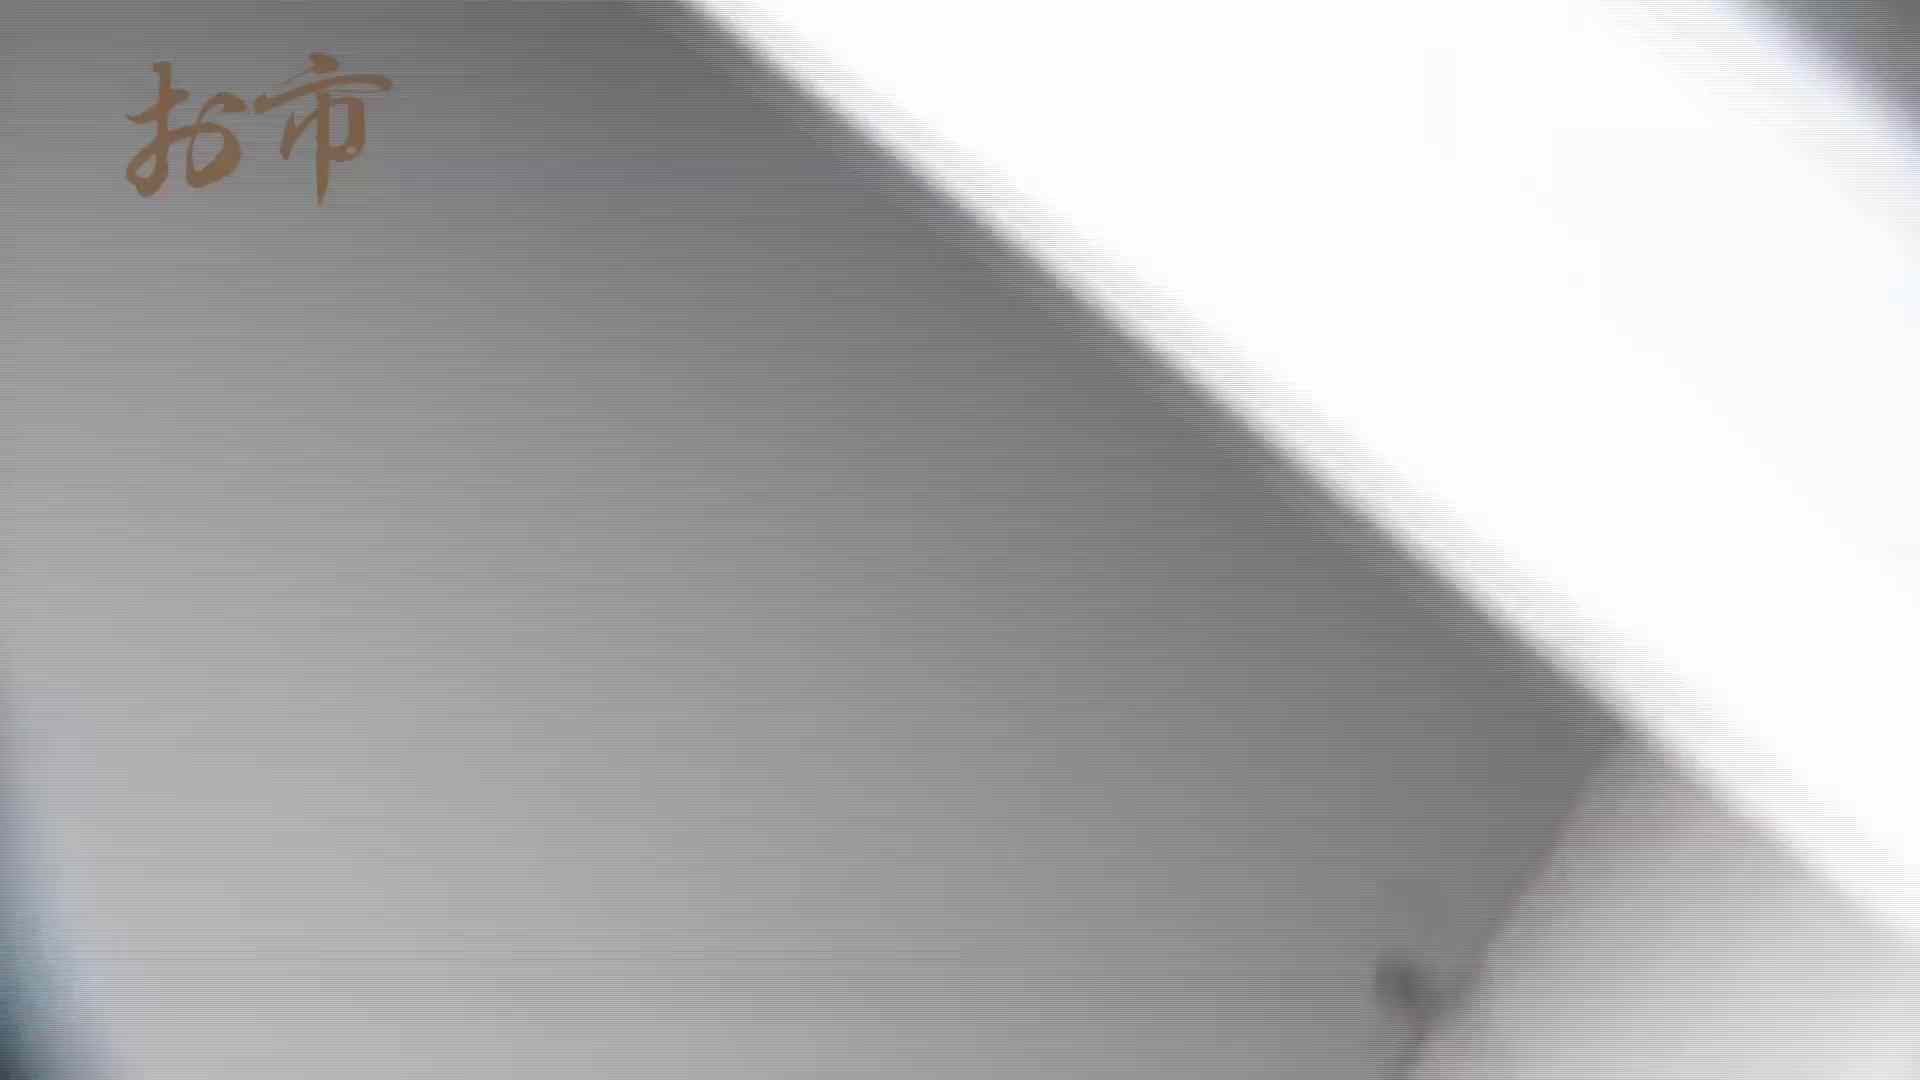 潜入!!台湾名門女学院 Vol.12 長身モデル驚き見たことないシチュエーション 盗撮で悶絶 AV無料 84画像 69